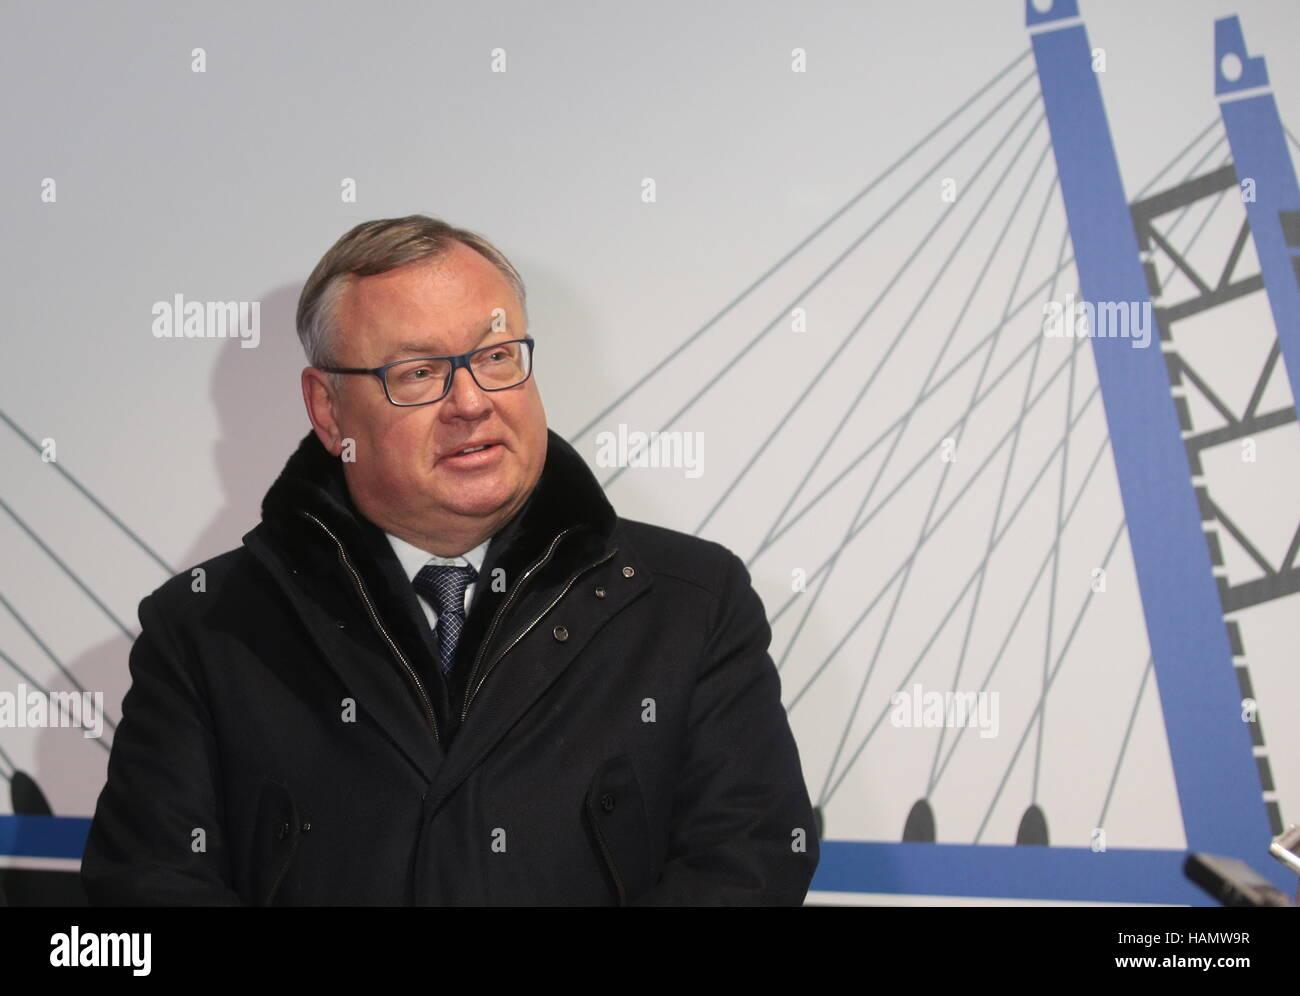 San Pietroburgo, Russia. 29 Nov, 2016. Presidente e Presidente della VTB Bank Management Board Andrey Kostin parla Immagini Stock